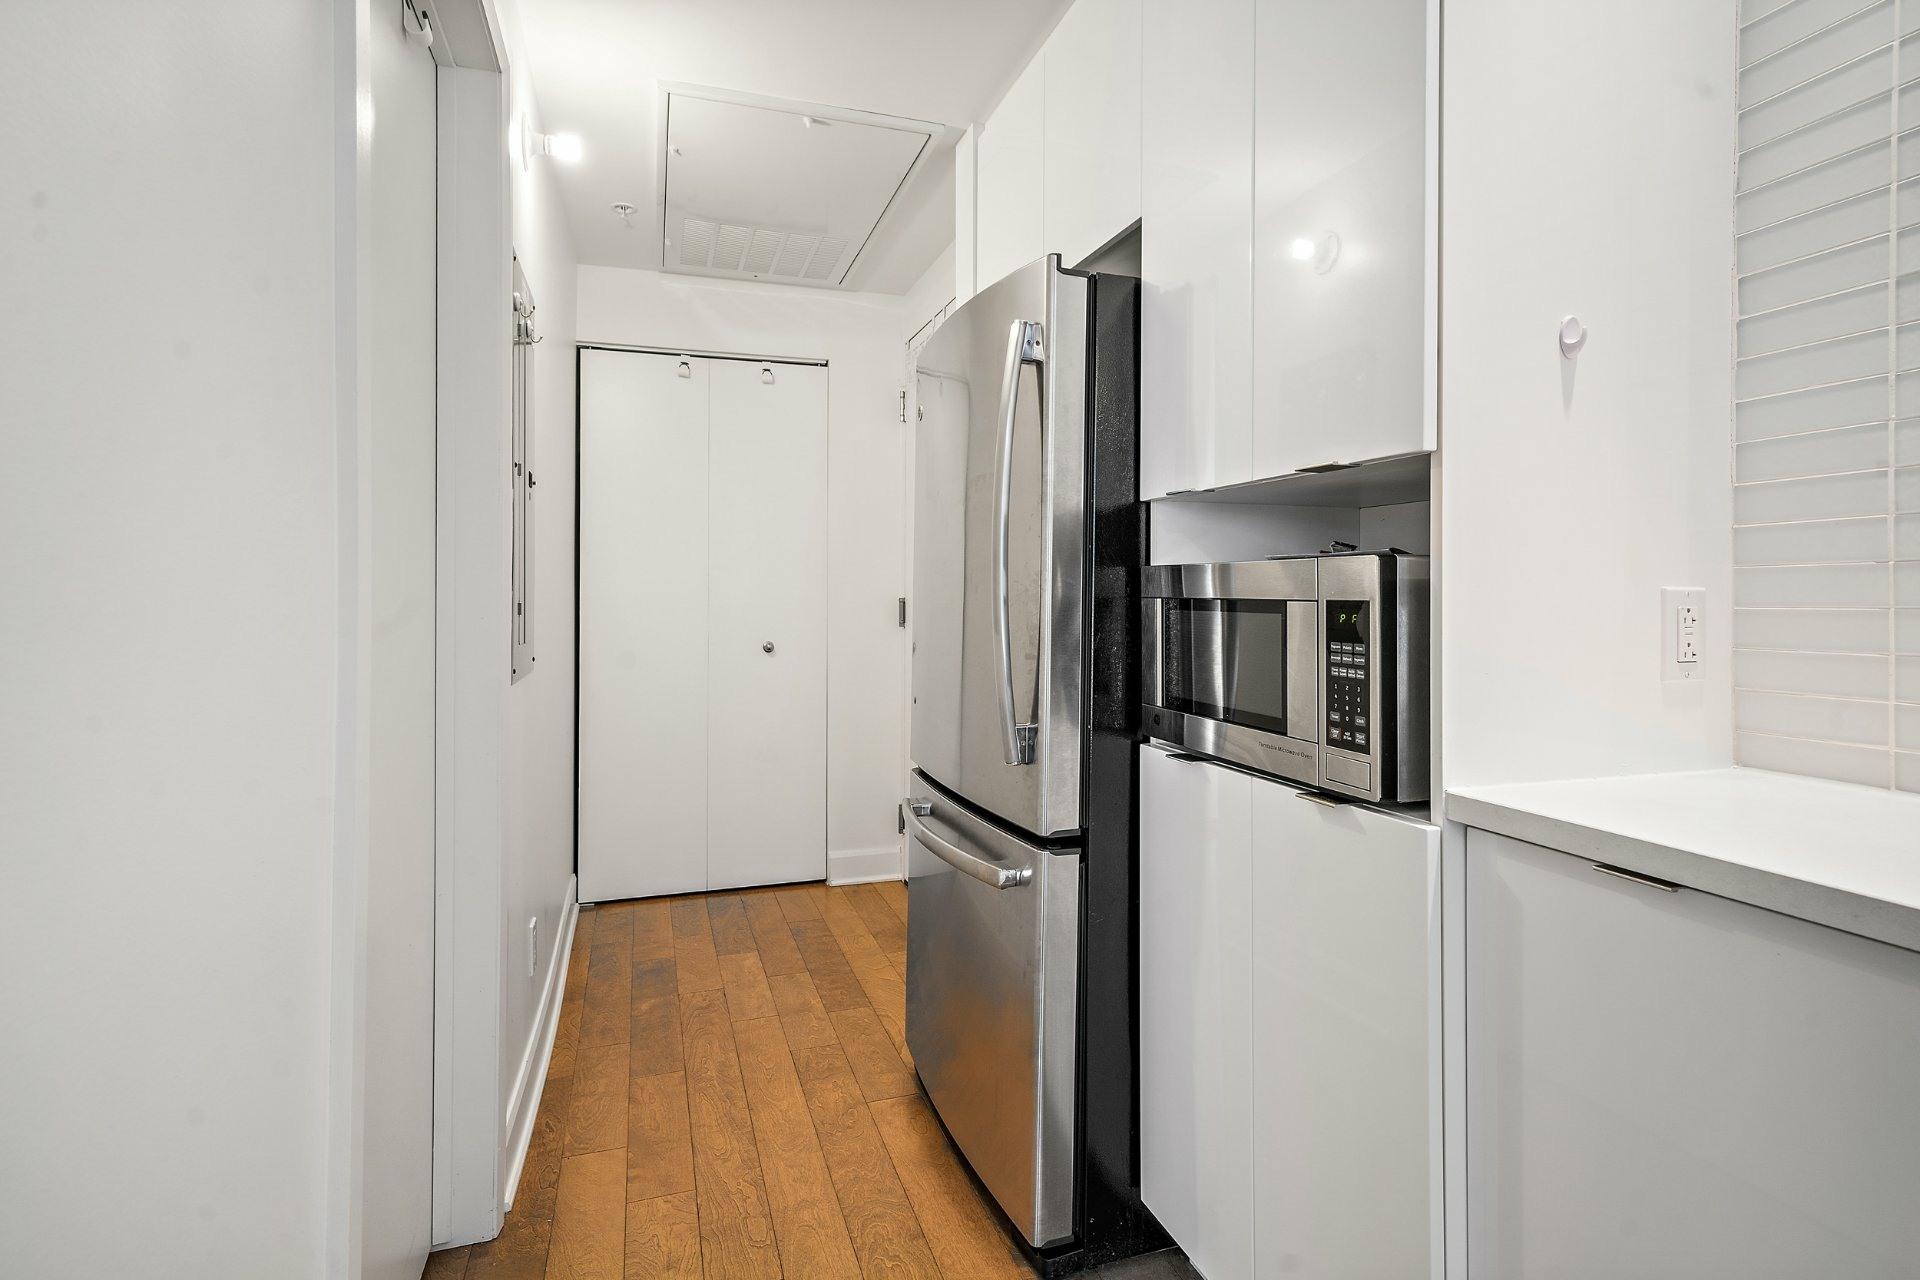 image 4 - Appartement À vendre Ville-Marie Montréal  - 3 pièces